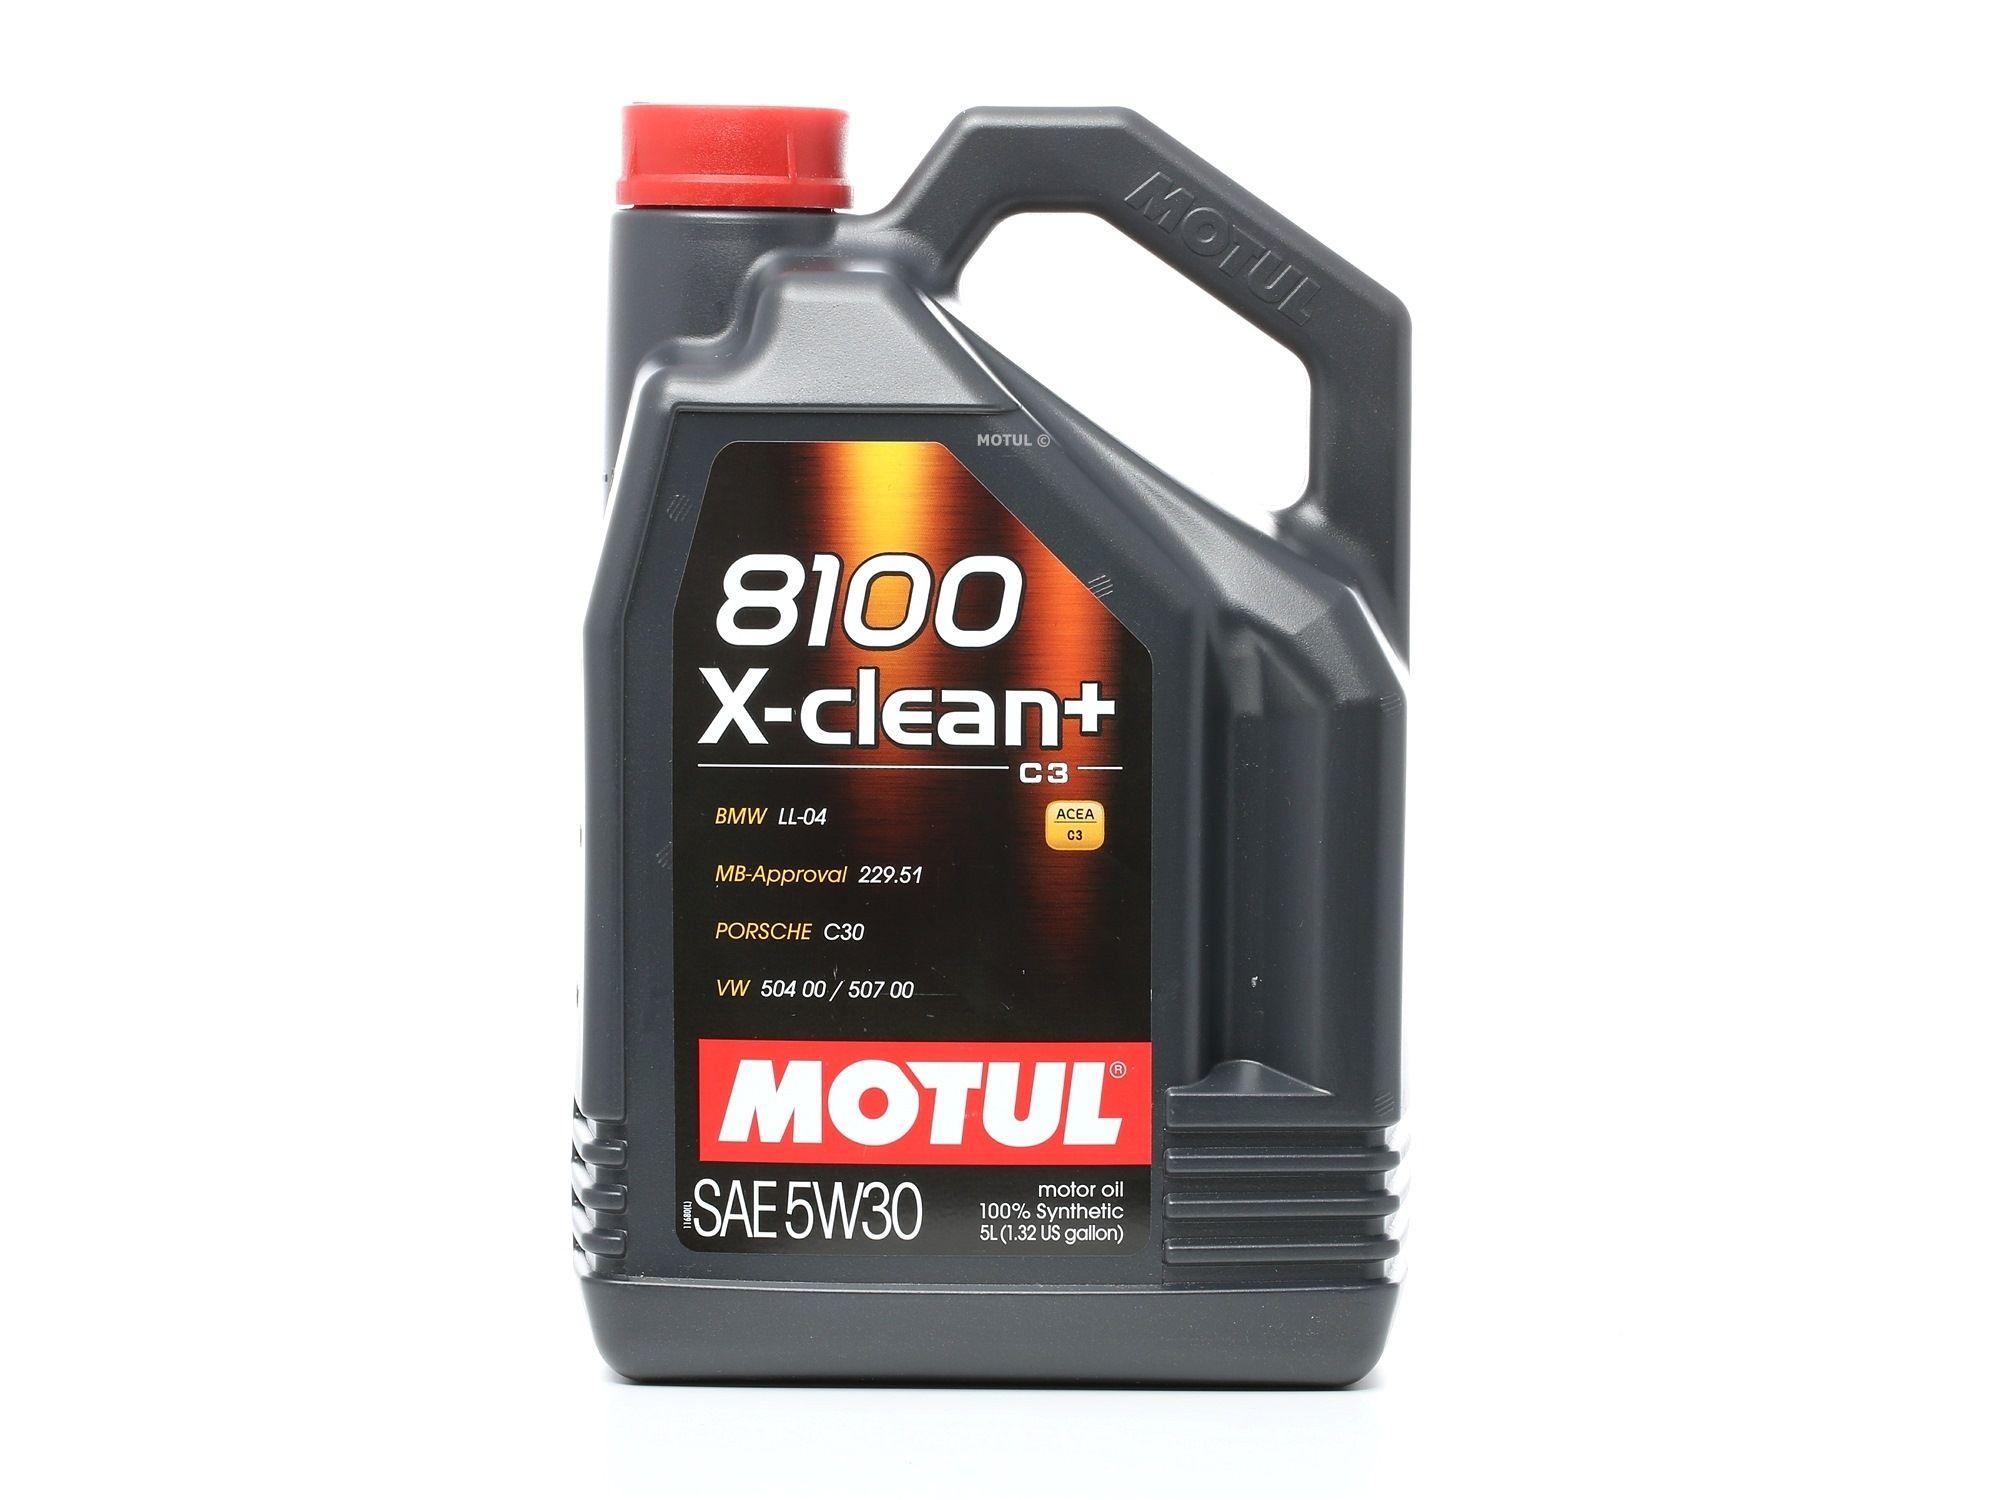 Aceite de motor MOTUL VW5040050700 evaluación